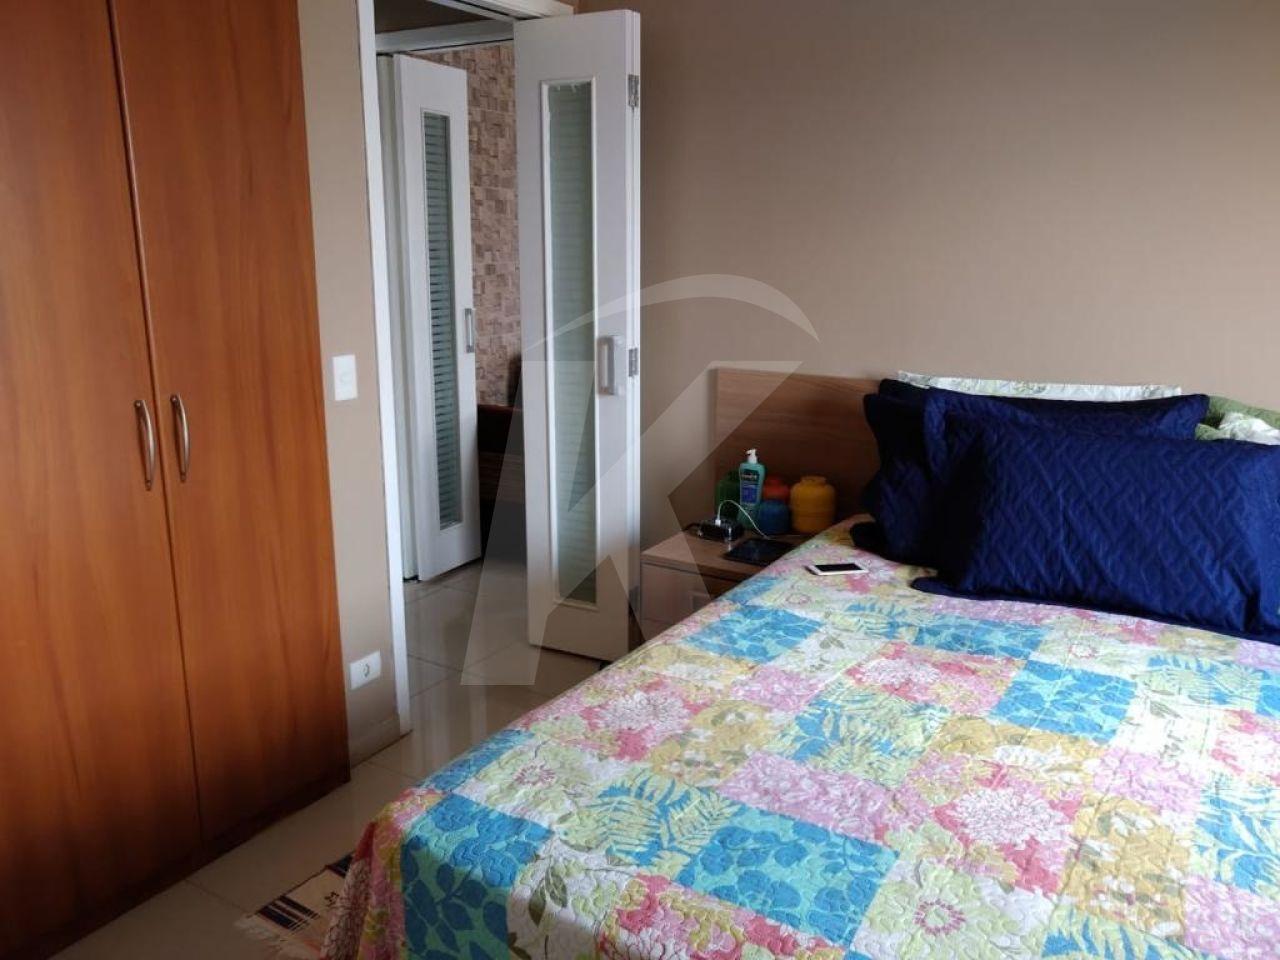 Apartamento Vila Gustavo - 2 Dormitório(s) - São Paulo - SP - REF. KA11851